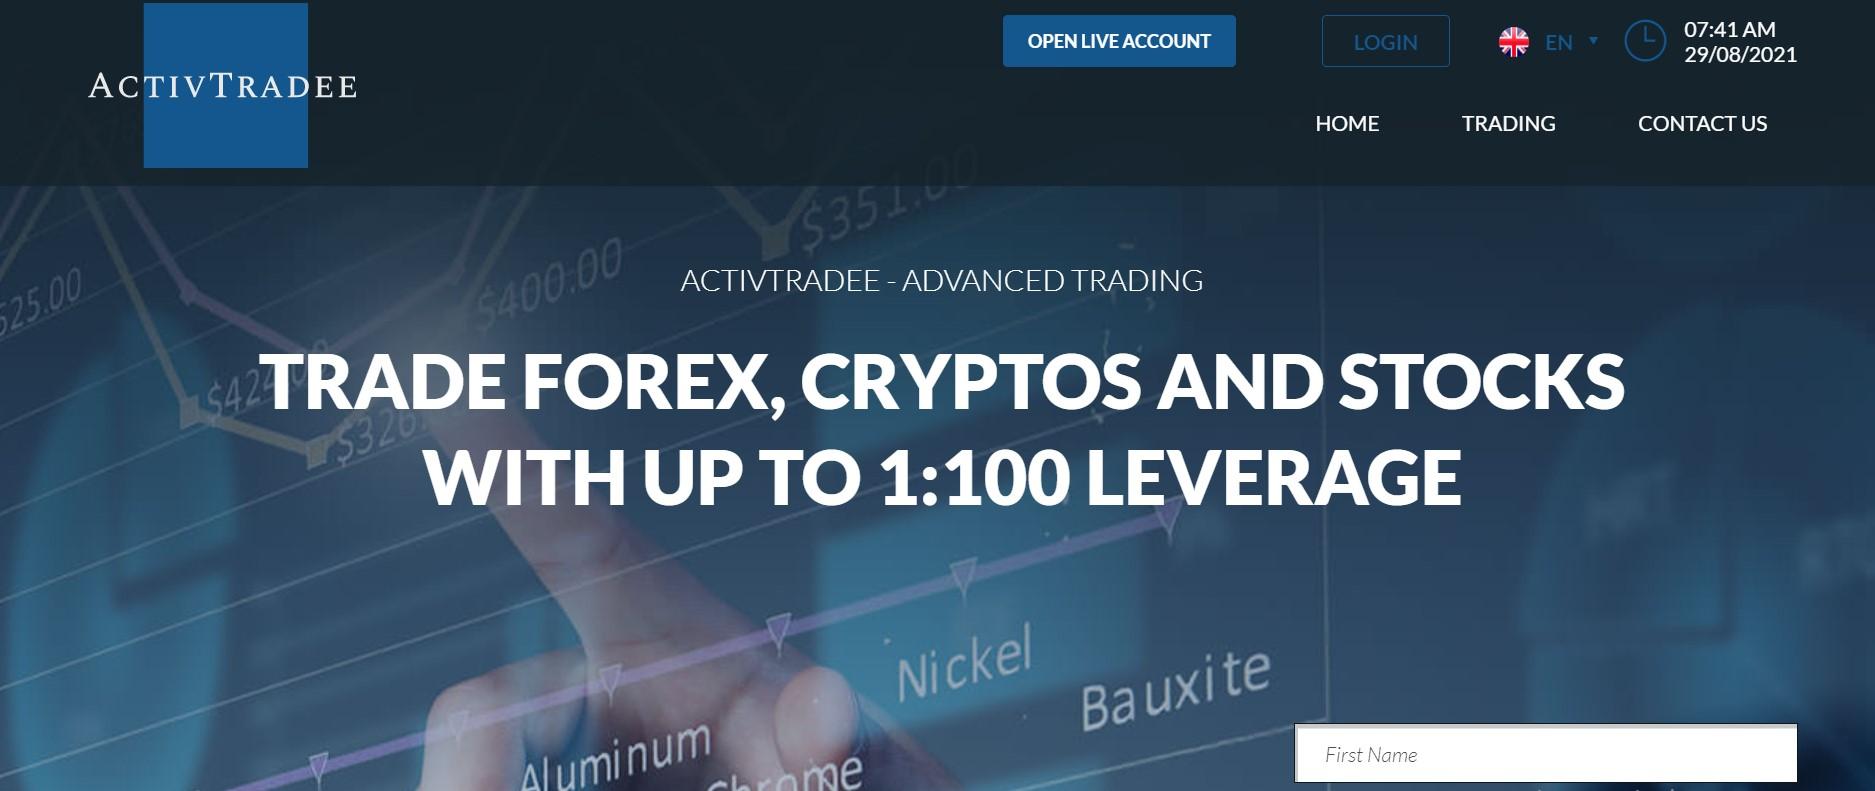 ActivTradee website